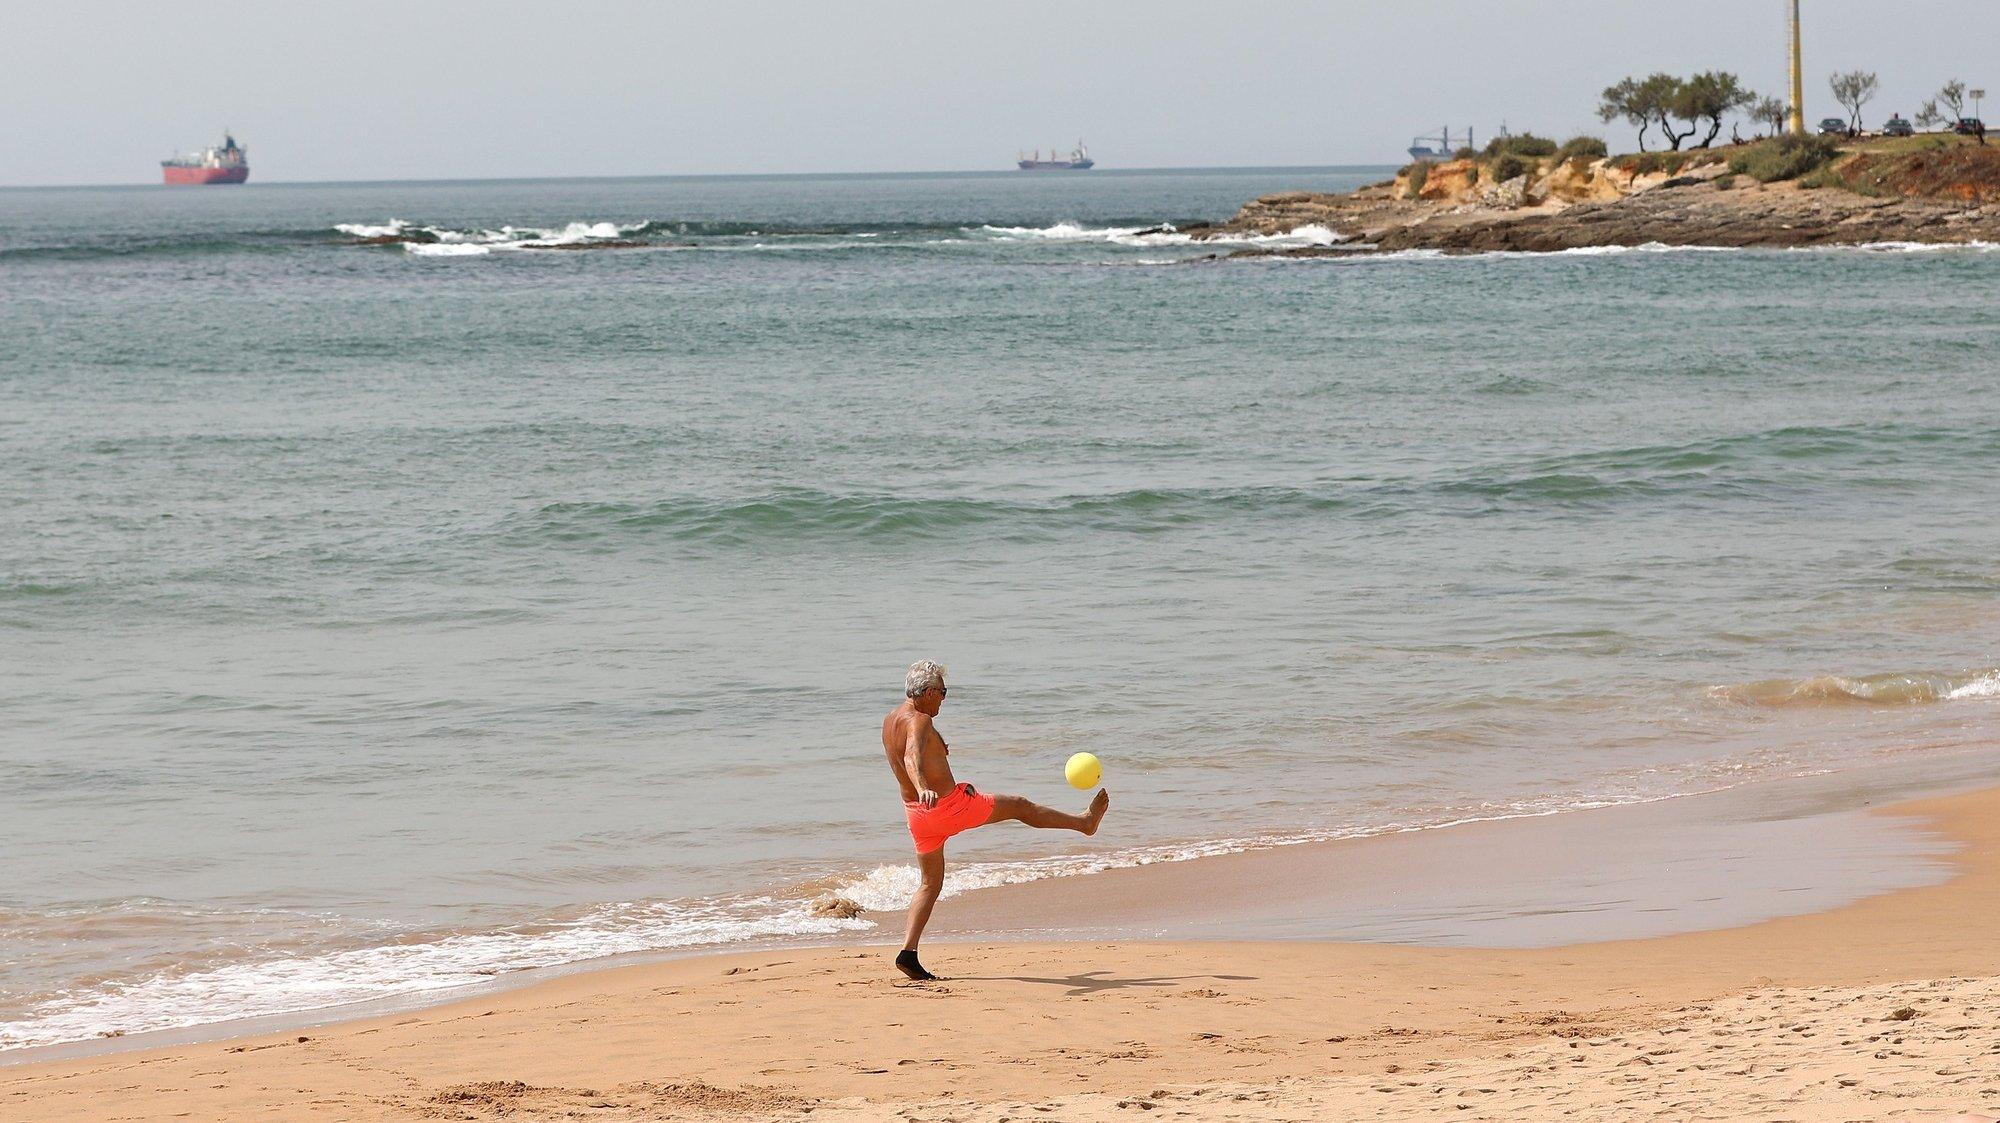 Um homem joga à bola na praia de Carcavelos durante o confinamento que se prolonga até ao dia 05 de abril, no âmbito das medidas de contenção da pandemia de covid-19, em Cascais, 27 de Março de 2021. A circulação entre concelhos em Portugal continental está proibida desde as 00:00 de ontem e as 05:00 de 05 de abril, no âmbito do estado de emergência para combater a pandemia de covid-19. ANTÓNIO PEDRO SANTOS/LUSA